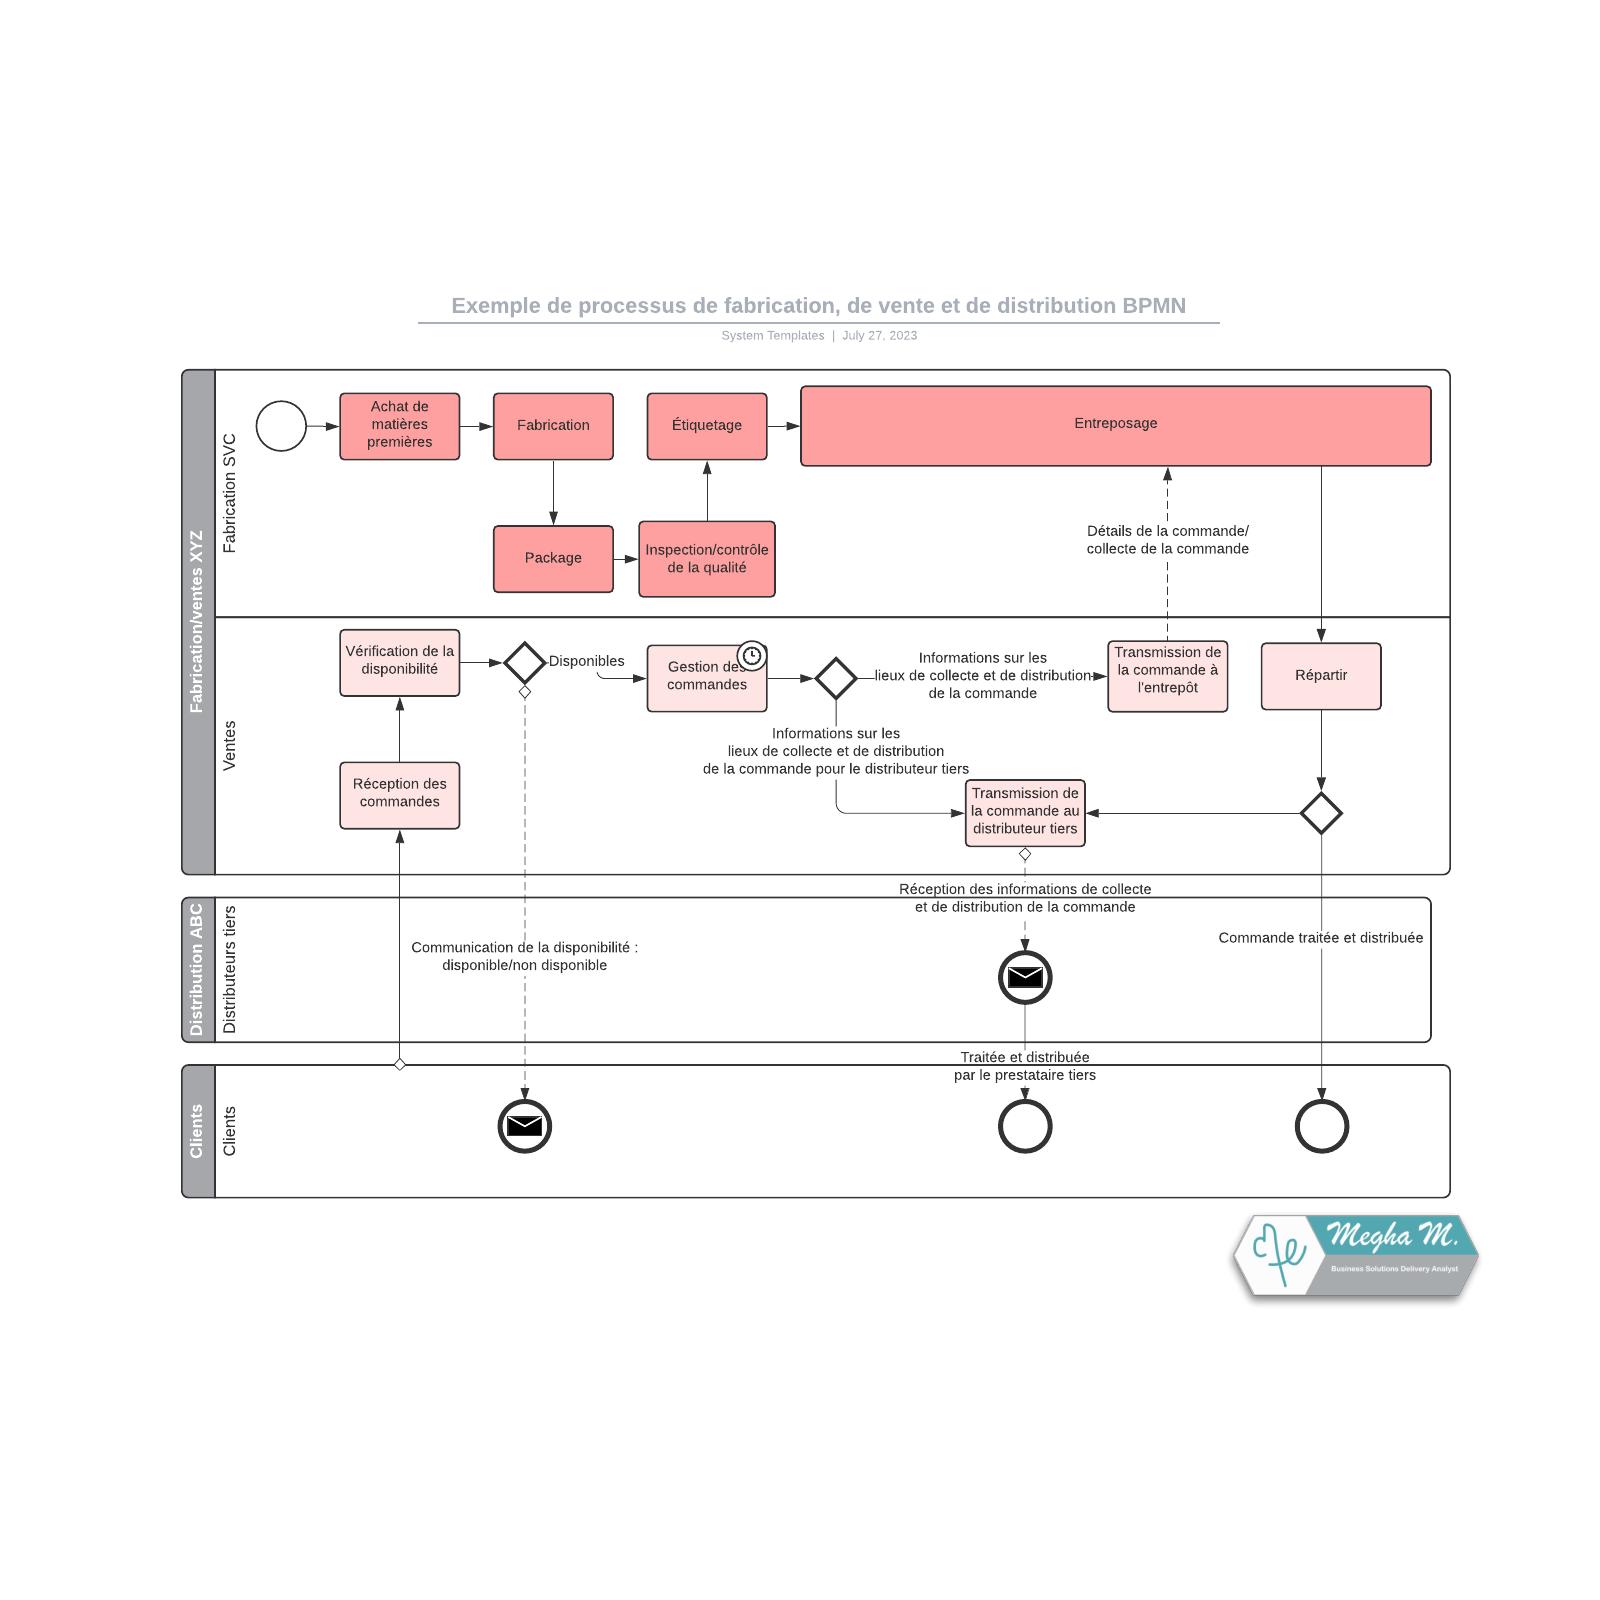 exemple de processus de fabrication, de vente et de distribution BPMN